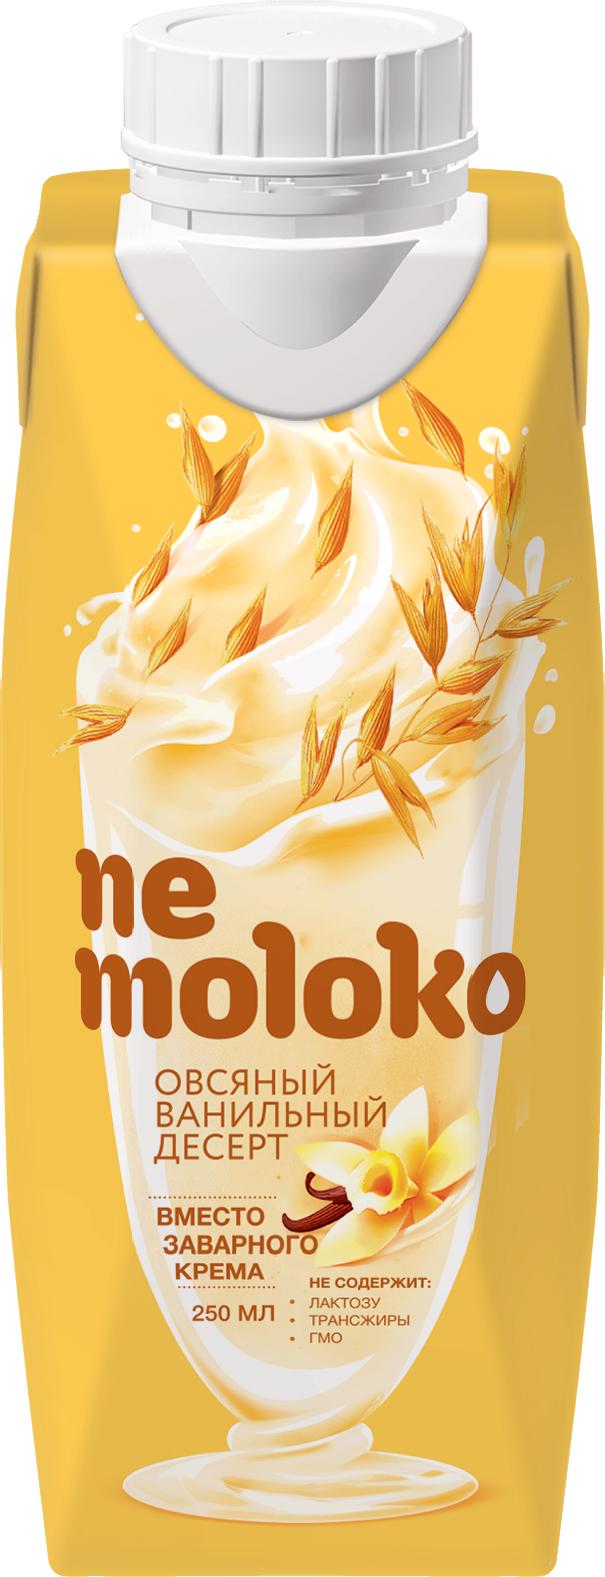 Nemoloko десерт овсяный ванильный, обогащенный бета-каратином, 10%, 0,25 л с пудовъ кисель молочный ванильный 40 г